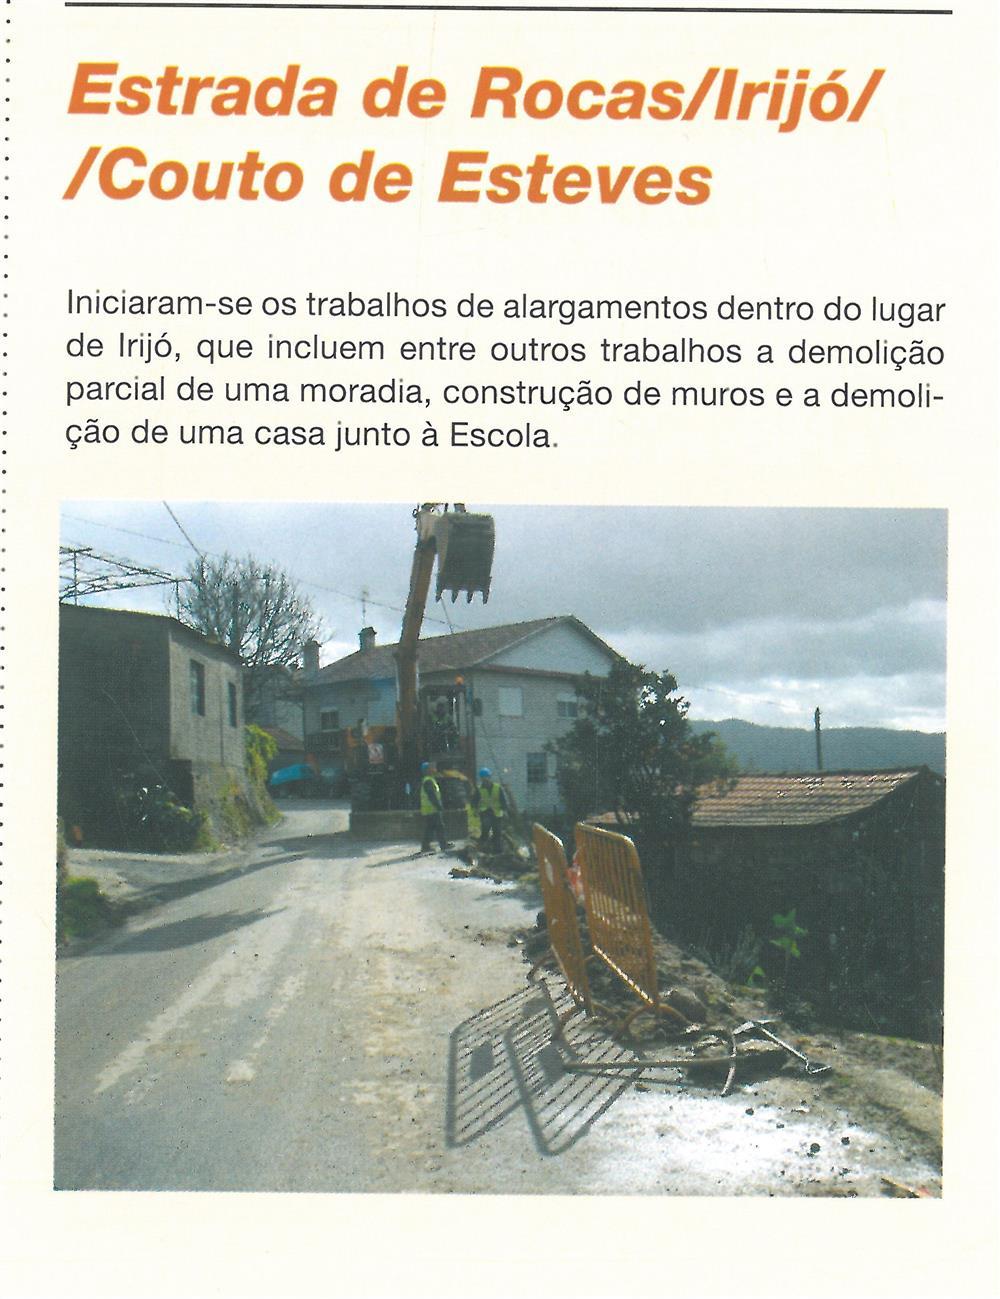 BoletimMunicipal-n.º 21-mar.'07-p.6-Obras Municipais : Obras Públicas : Estrada de Rocas-Irijó-Couto de Esteves.jpg